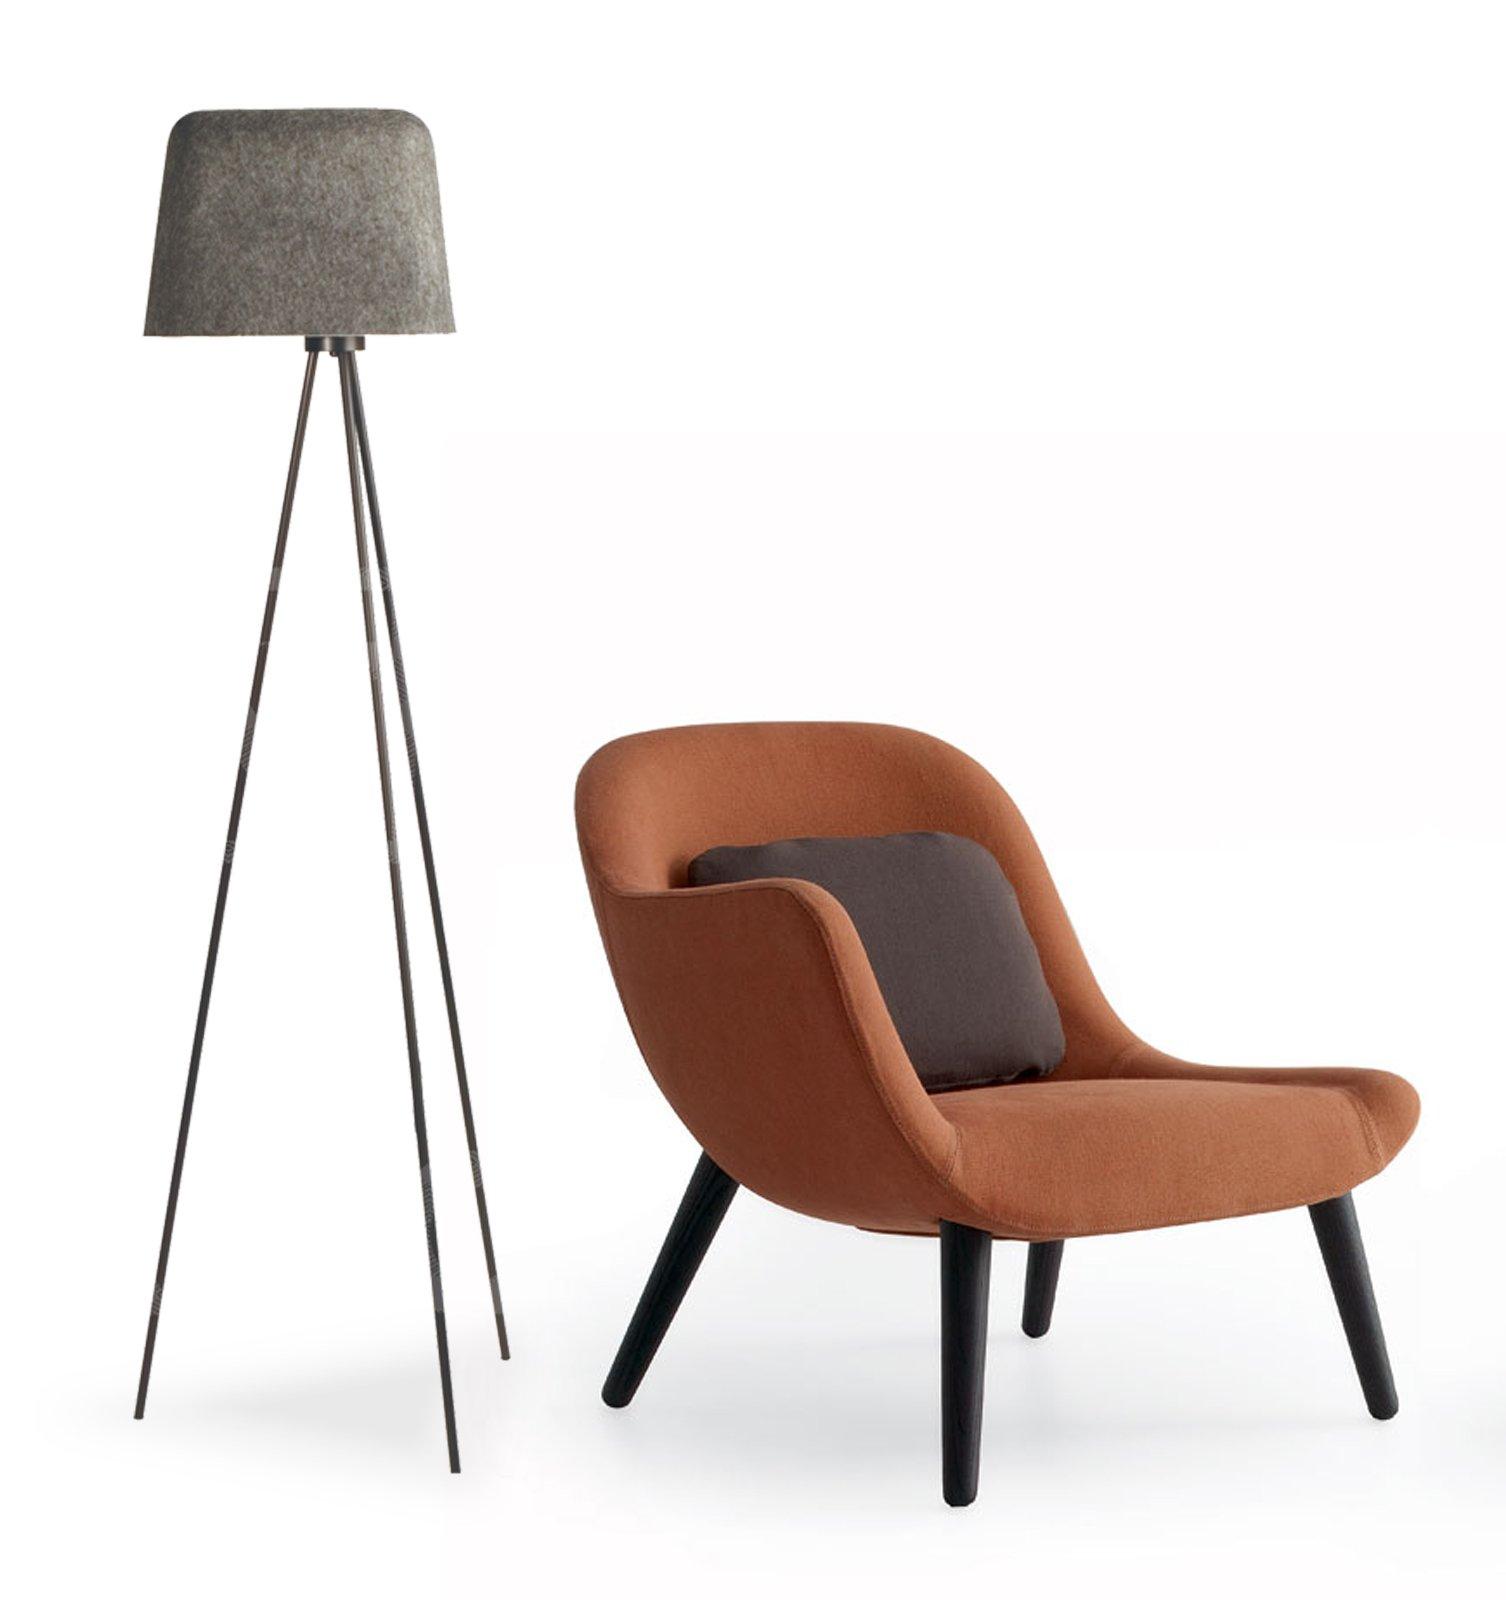 Ikea lampadari in tessuto la collezione di disegni di lampade che presentiamo - Lampadari ikea catalogo ...